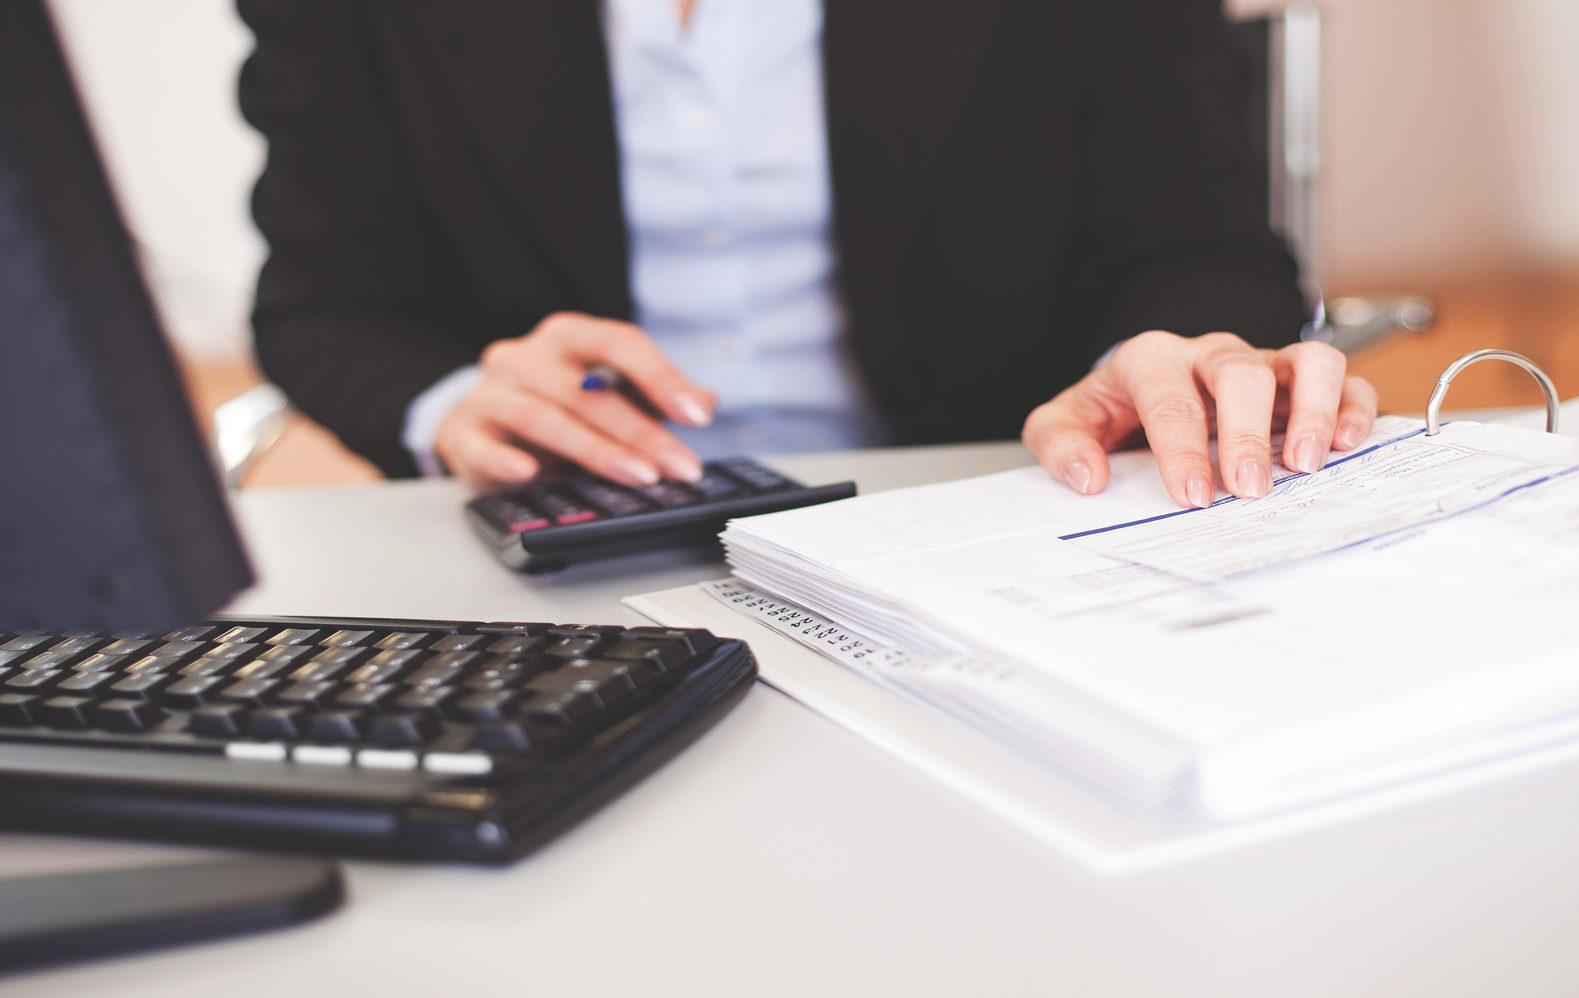 Где найти специалистов для выполнения временных задач по решению юридических и финансовых проблем